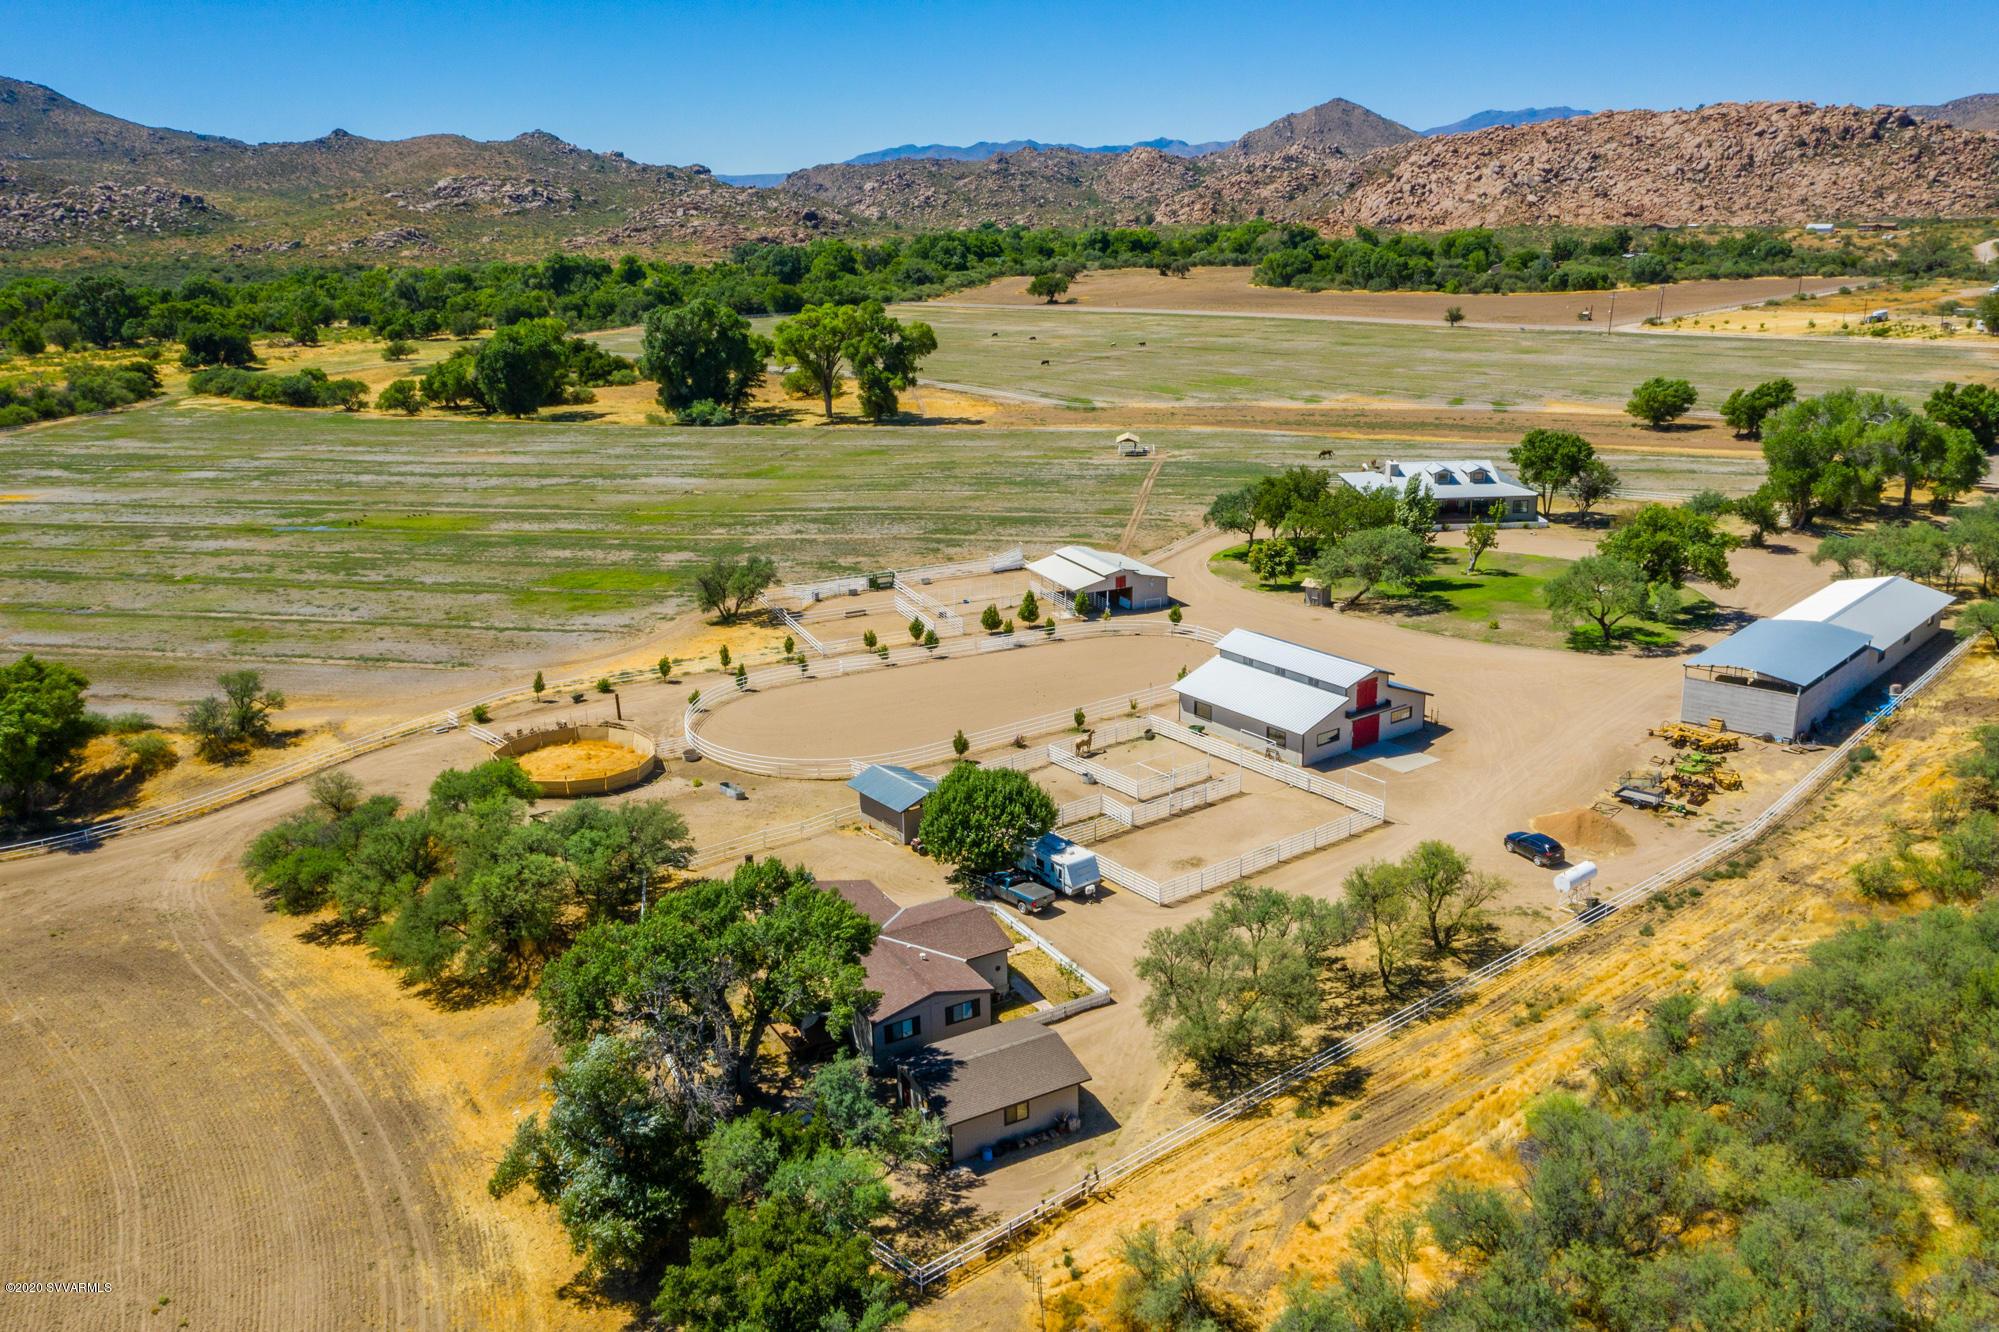 4150 S Iron Horse Rd Kirkland, AZ 86332